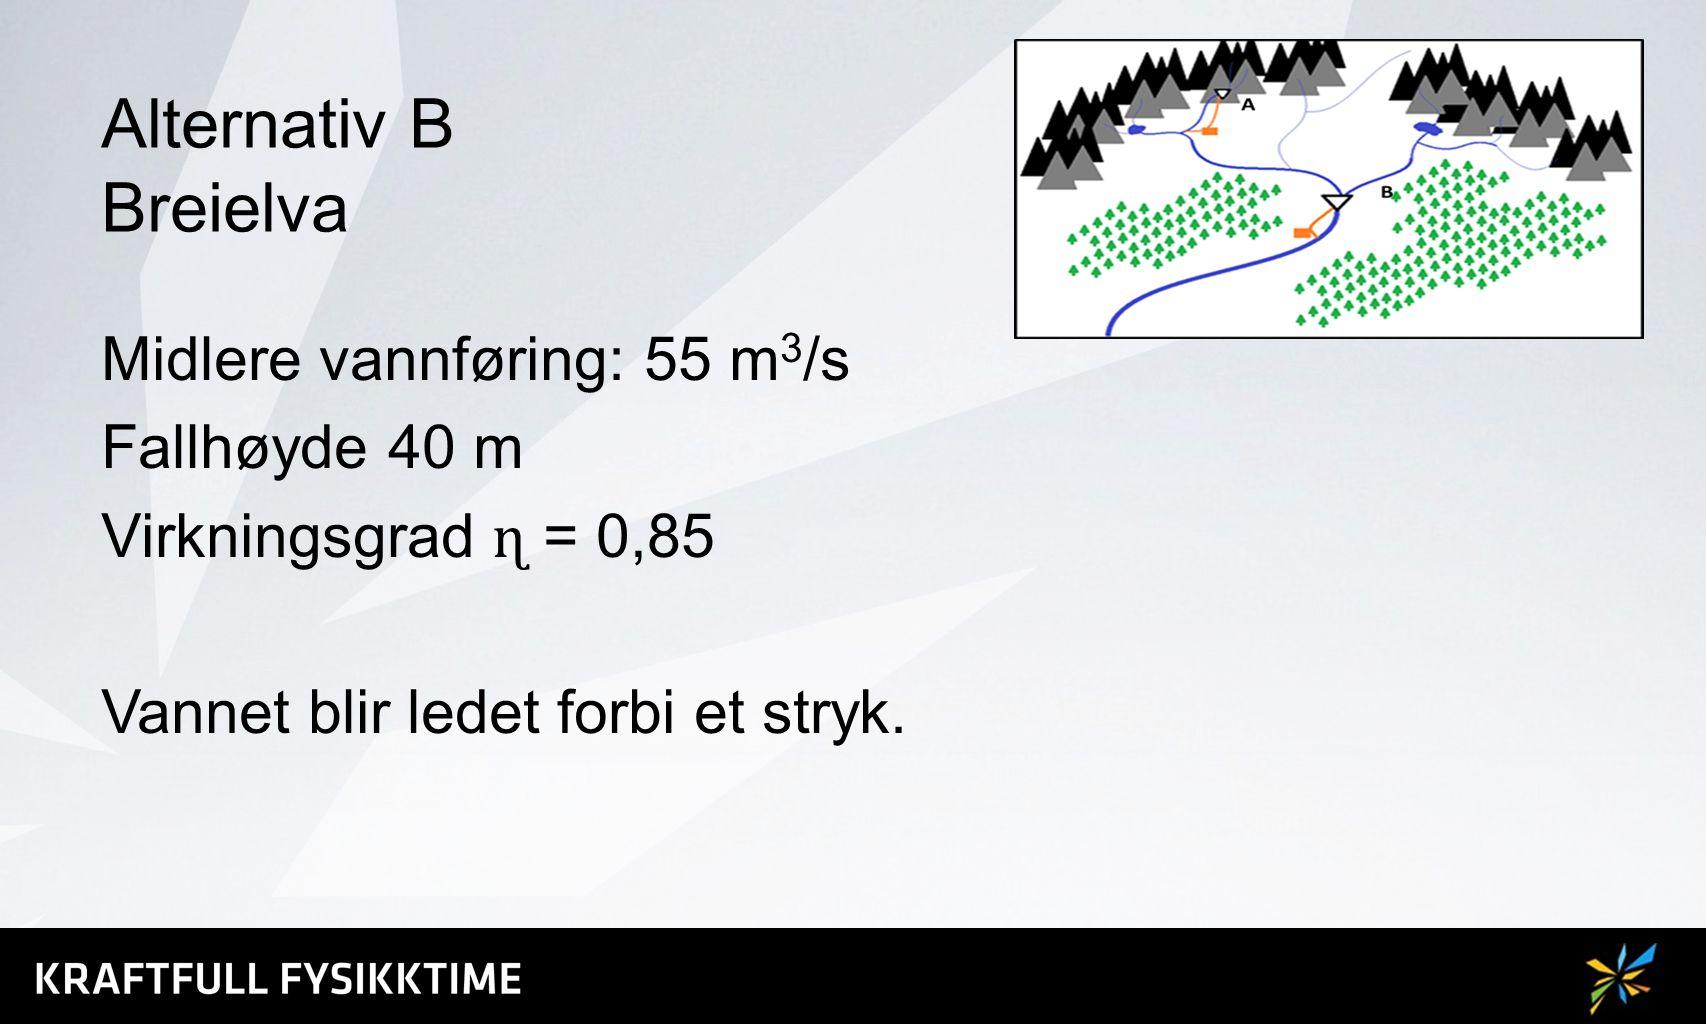 Alternativ B Breielva Midlere vannføring: 55 m 3 /s Fallhøyde 40 m Virkningsgrad ɳ = 0,85 Vannet blir ledet forbi et stryk.